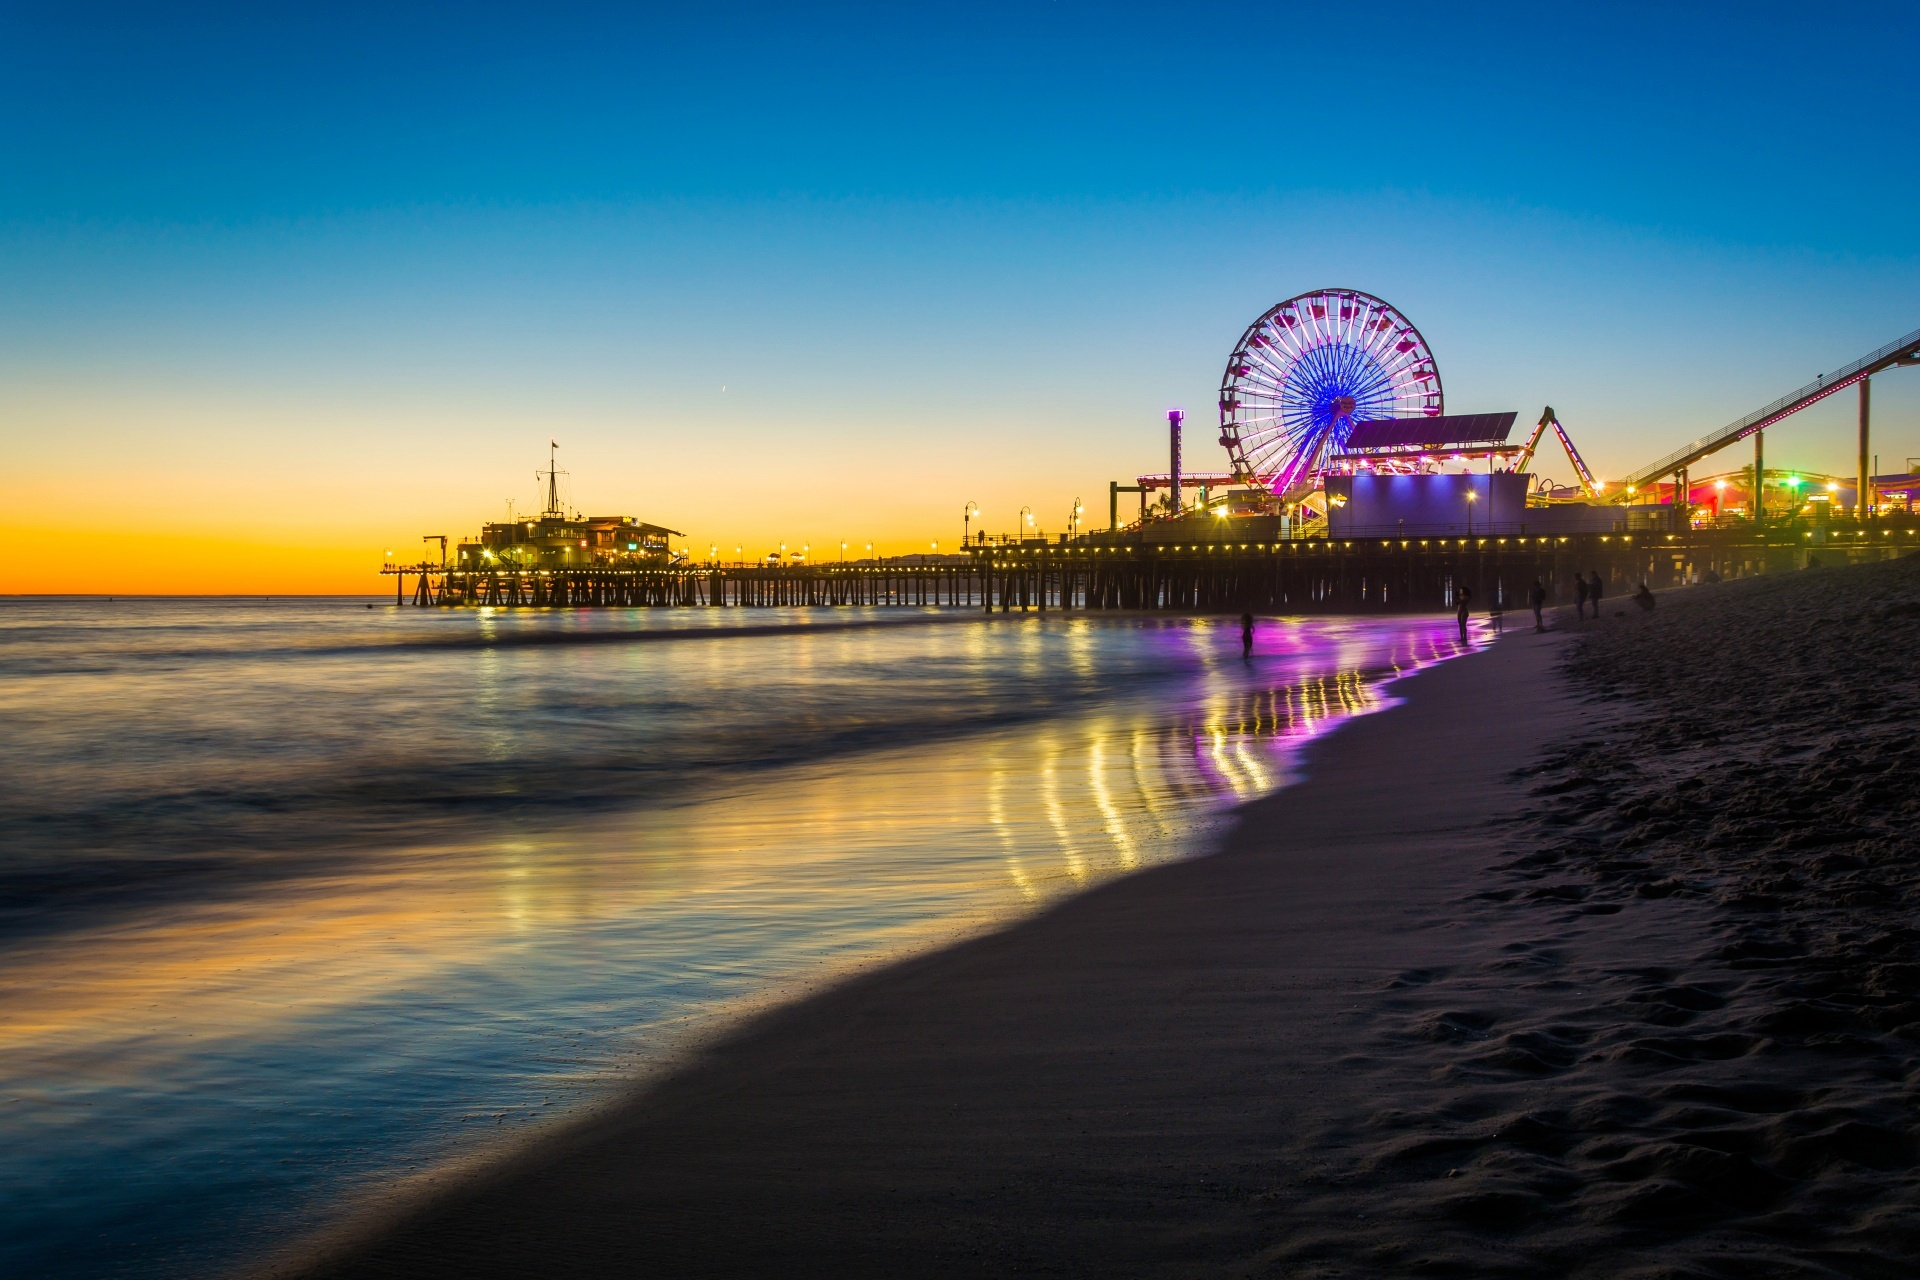 サンタモニカ ピアの夕暮れ サンタモニカ カリフォルニア アメリカの風景